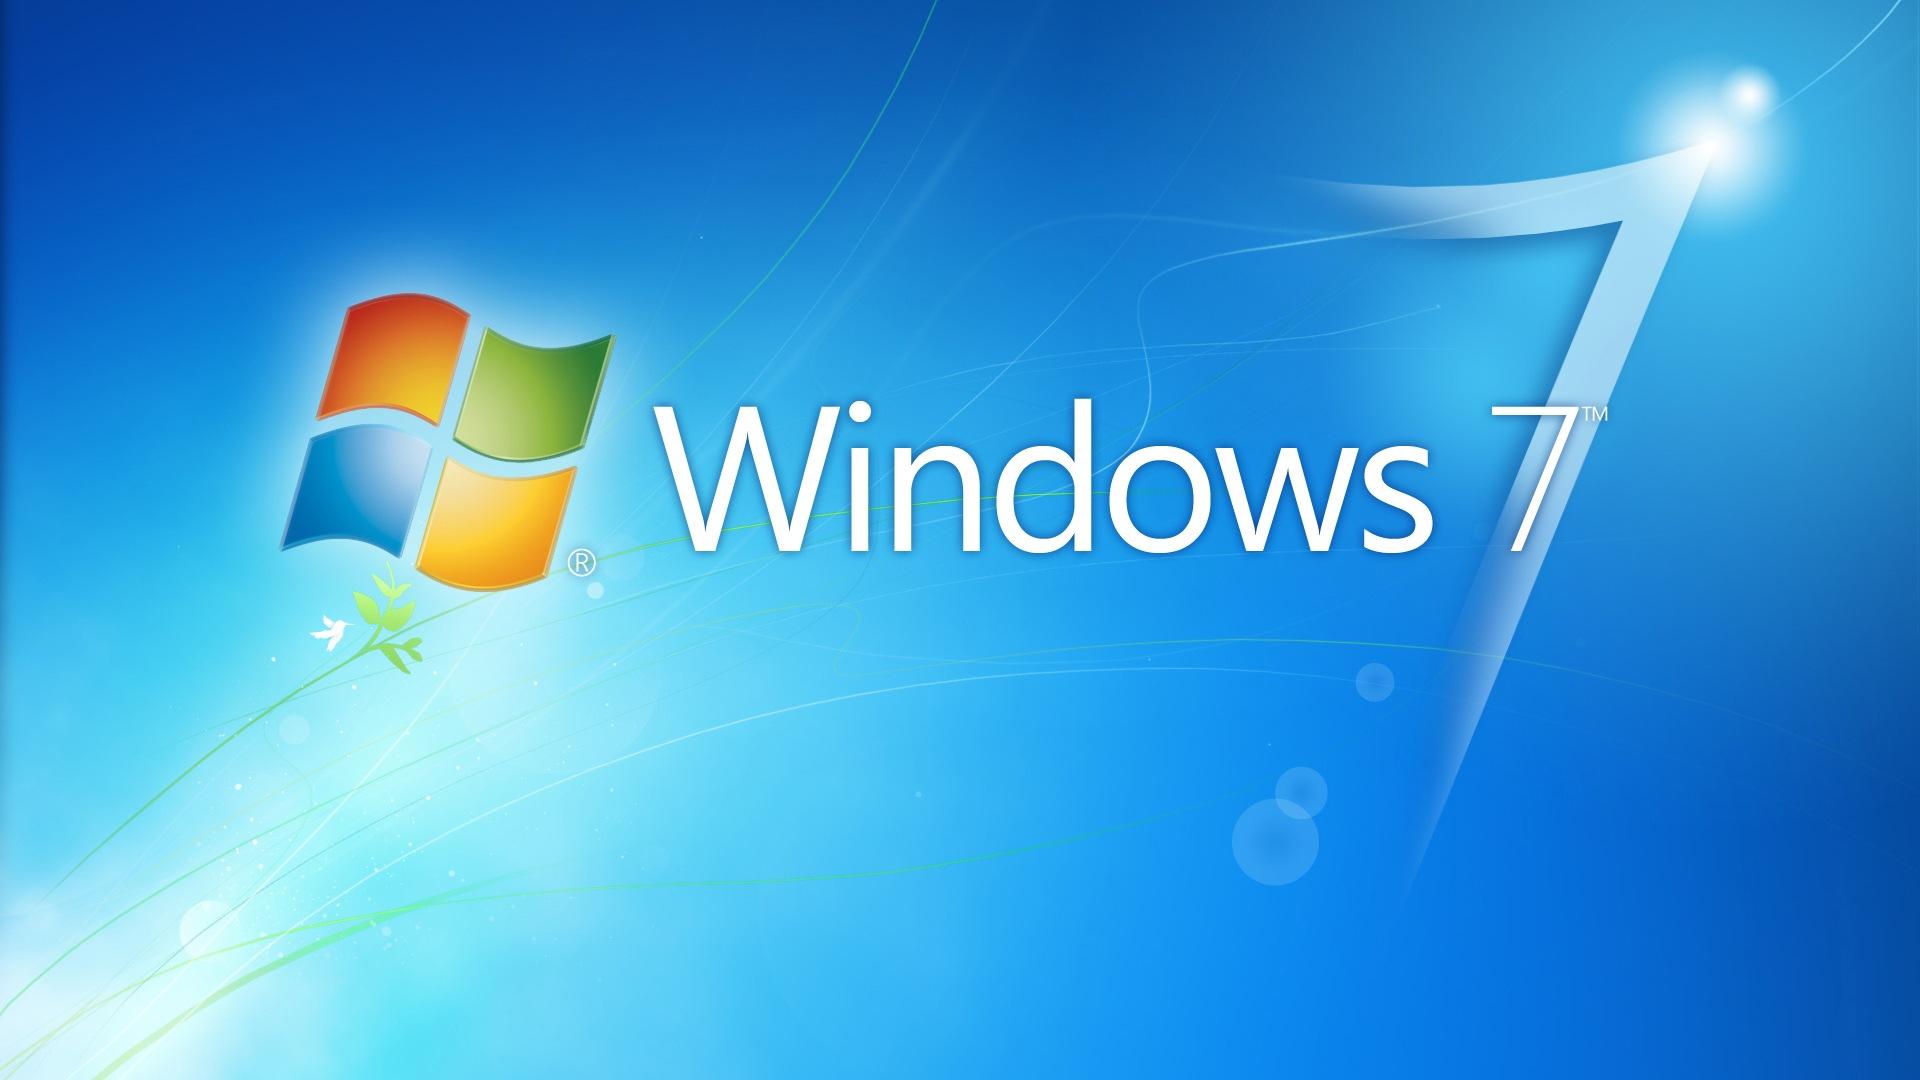 Windows 7 Backgrounds, Compatible - PC, Mobile, Gadgets| 1920x1080 px